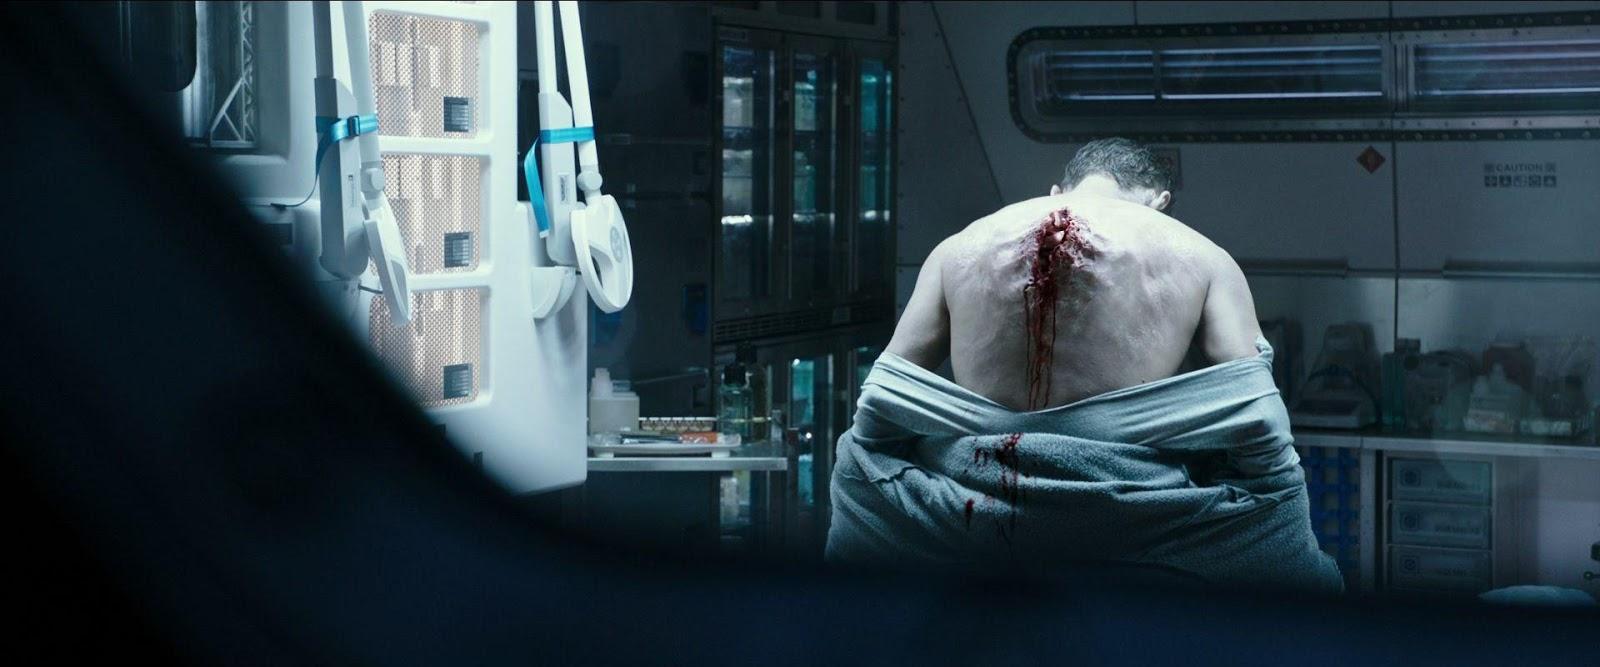 http://lacarademilos.org/wp-content/uploads/2017/05/Alien-Covenant-Teaser-Trailer-020.jpg